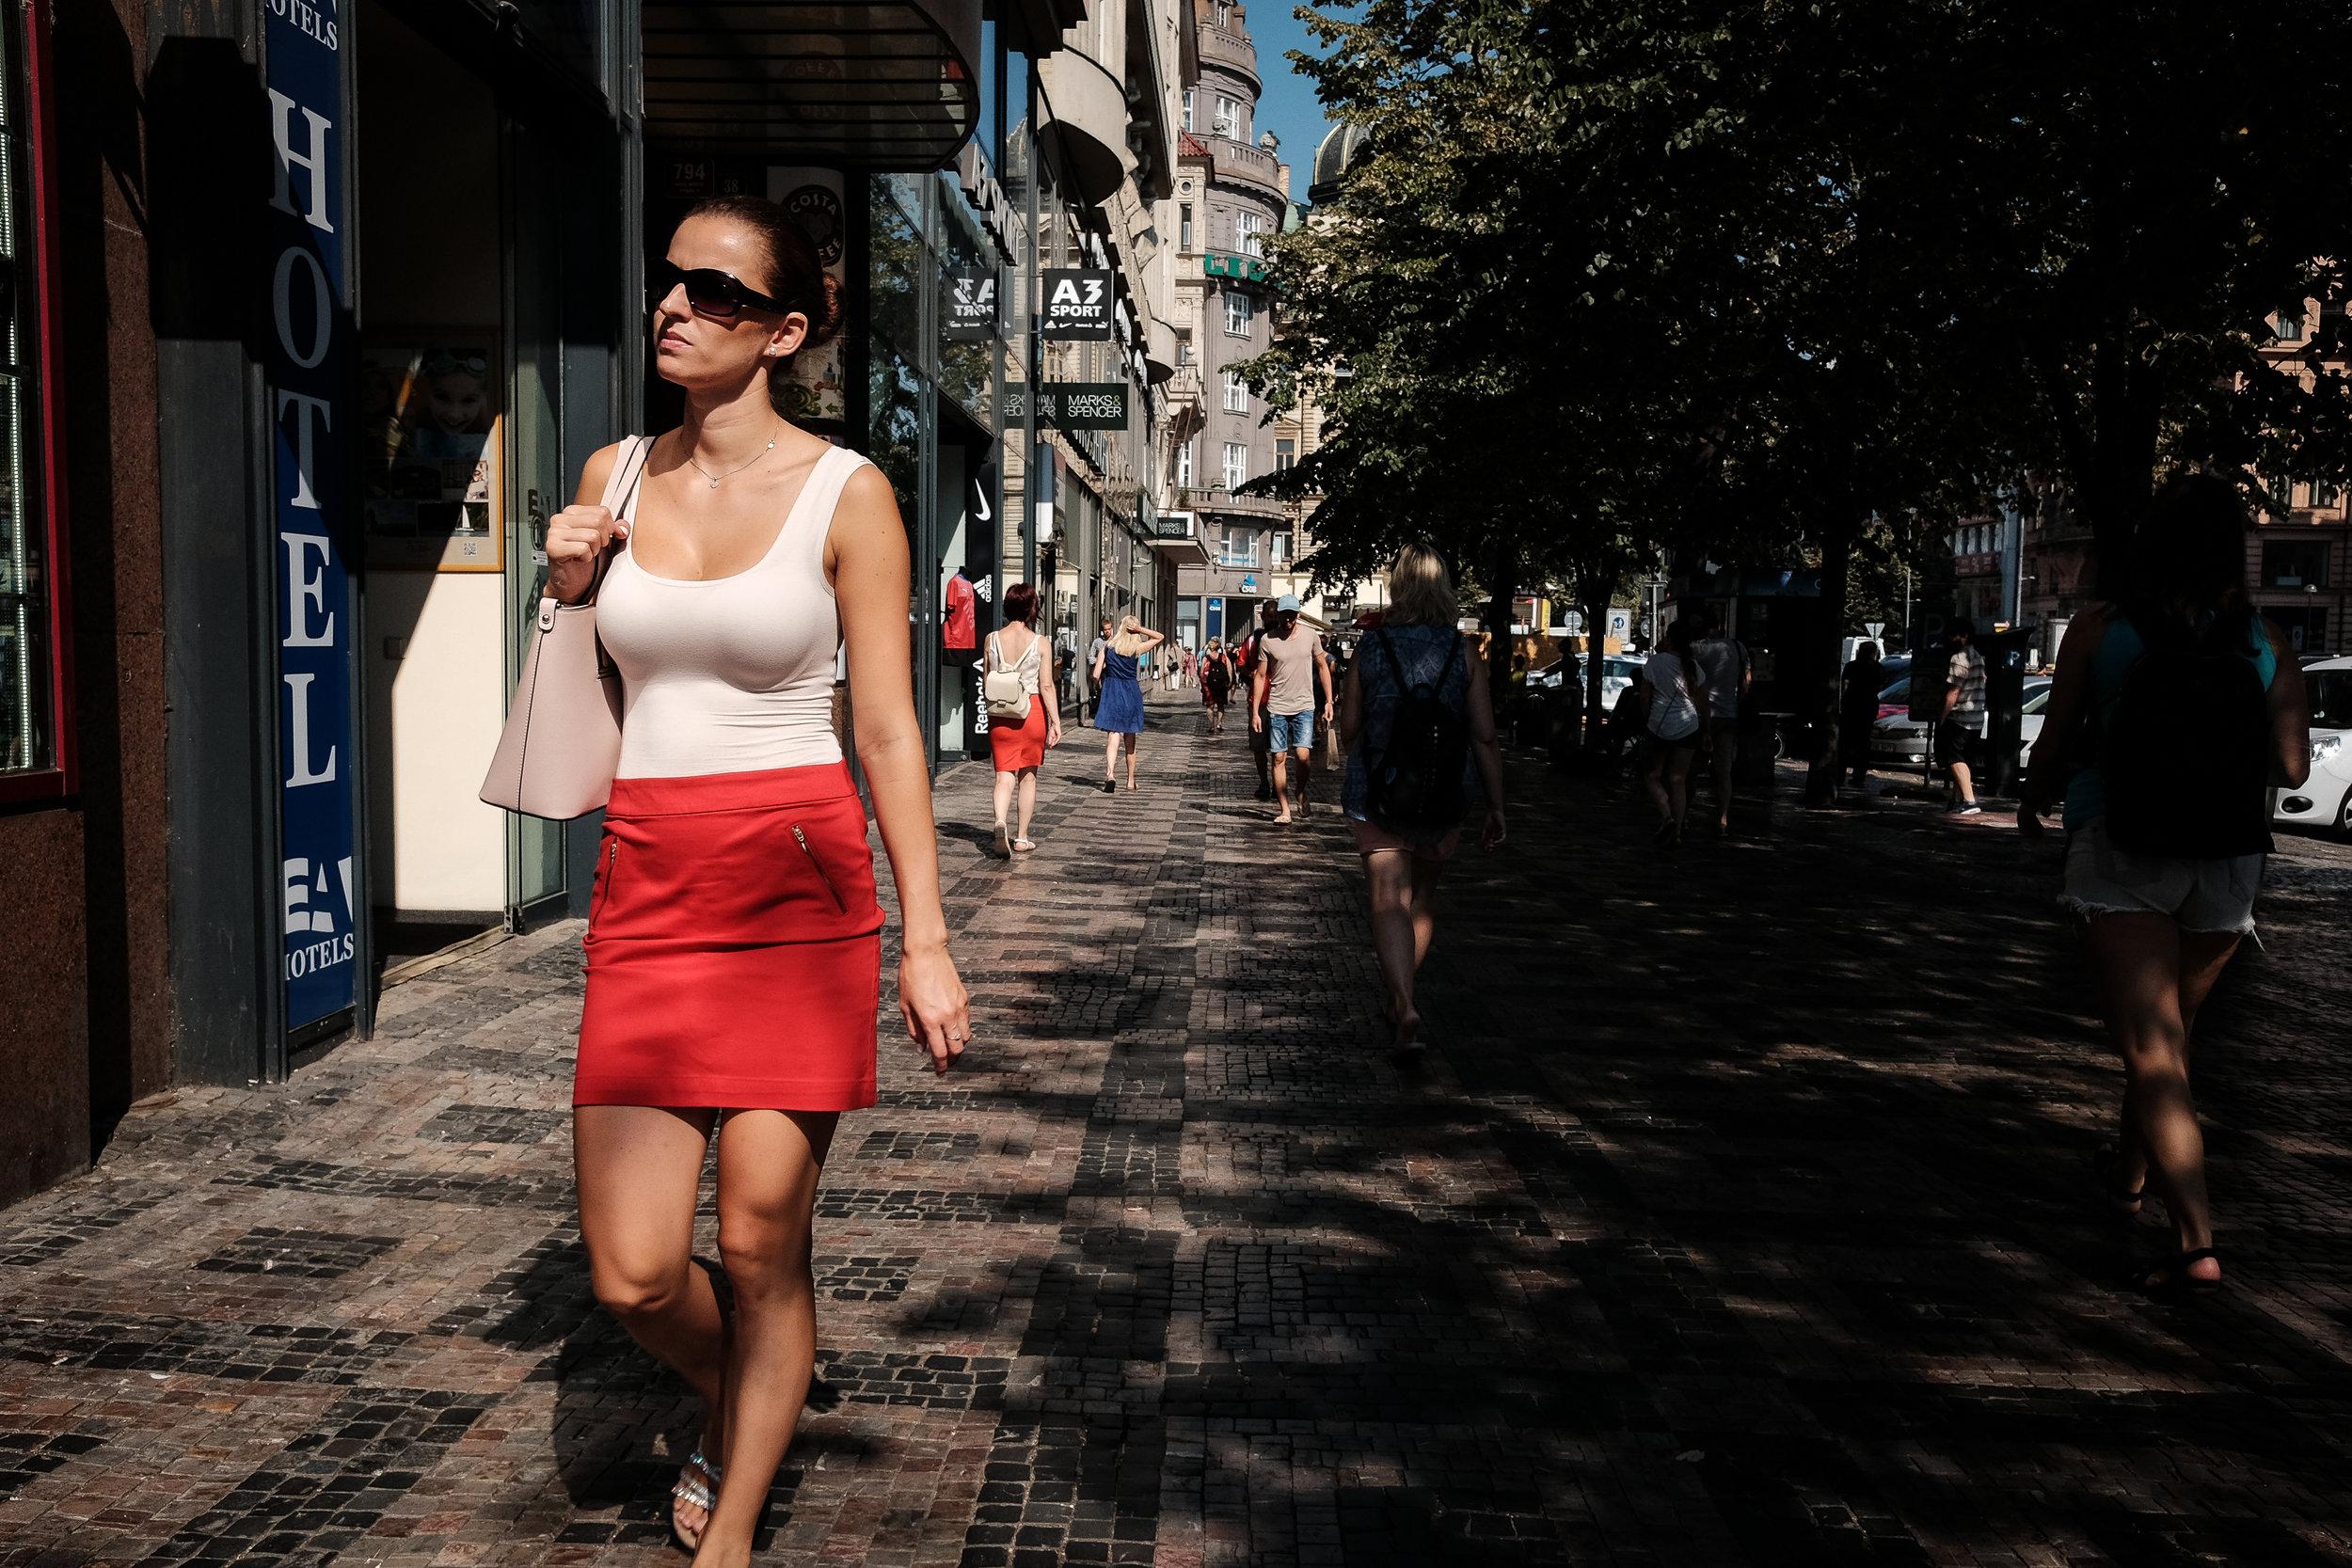 Prauge_Streets-2.jpg